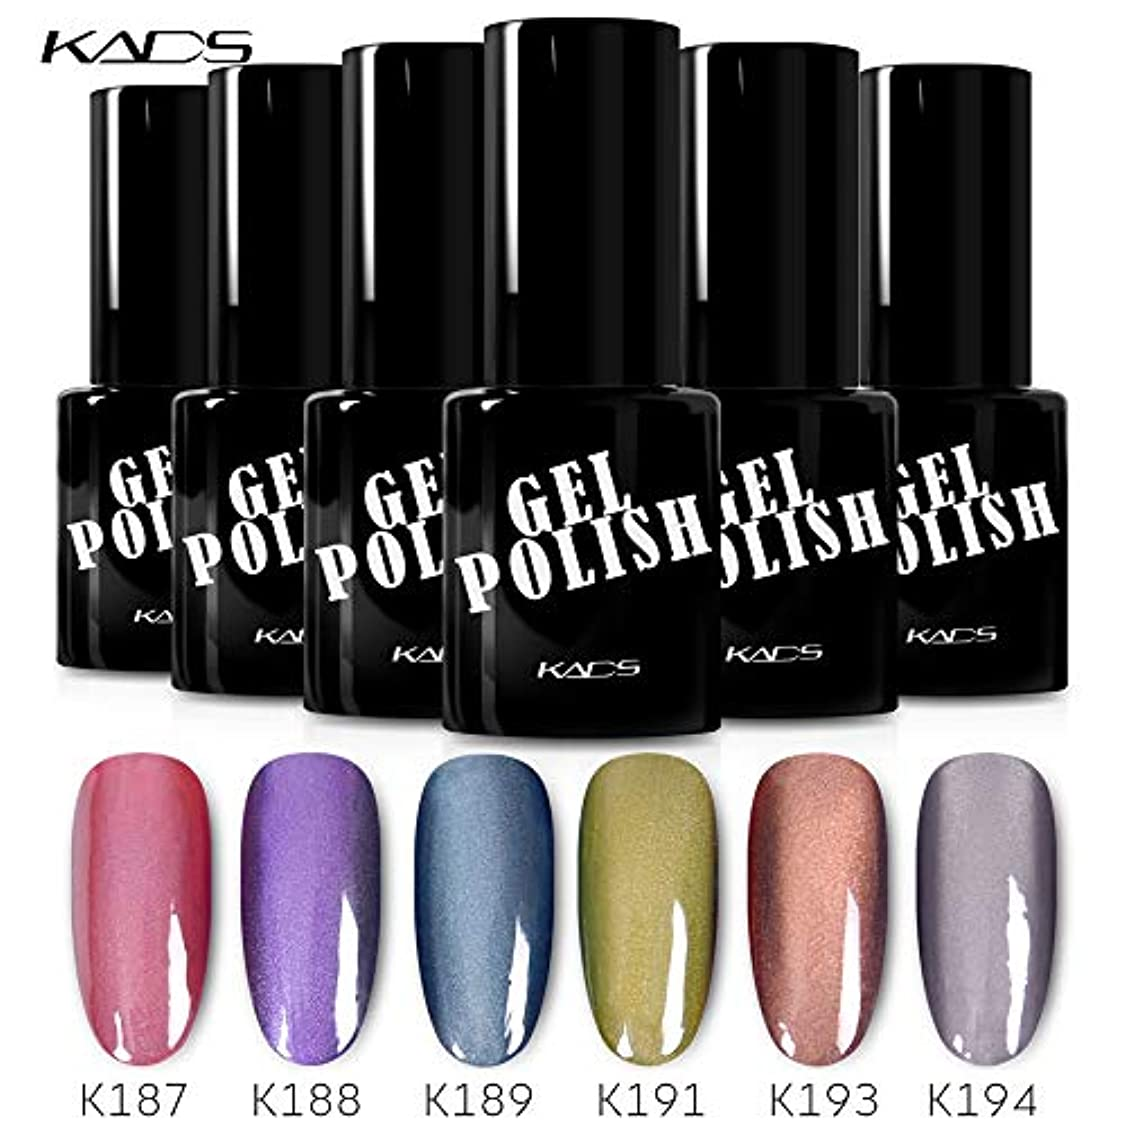 威する変動する姪KADS カラージェル 6色入り キャッツアイジェルネイル グリーン/ピンク/グレー カラーポリッシュ UV/LED対応 艶長持ち